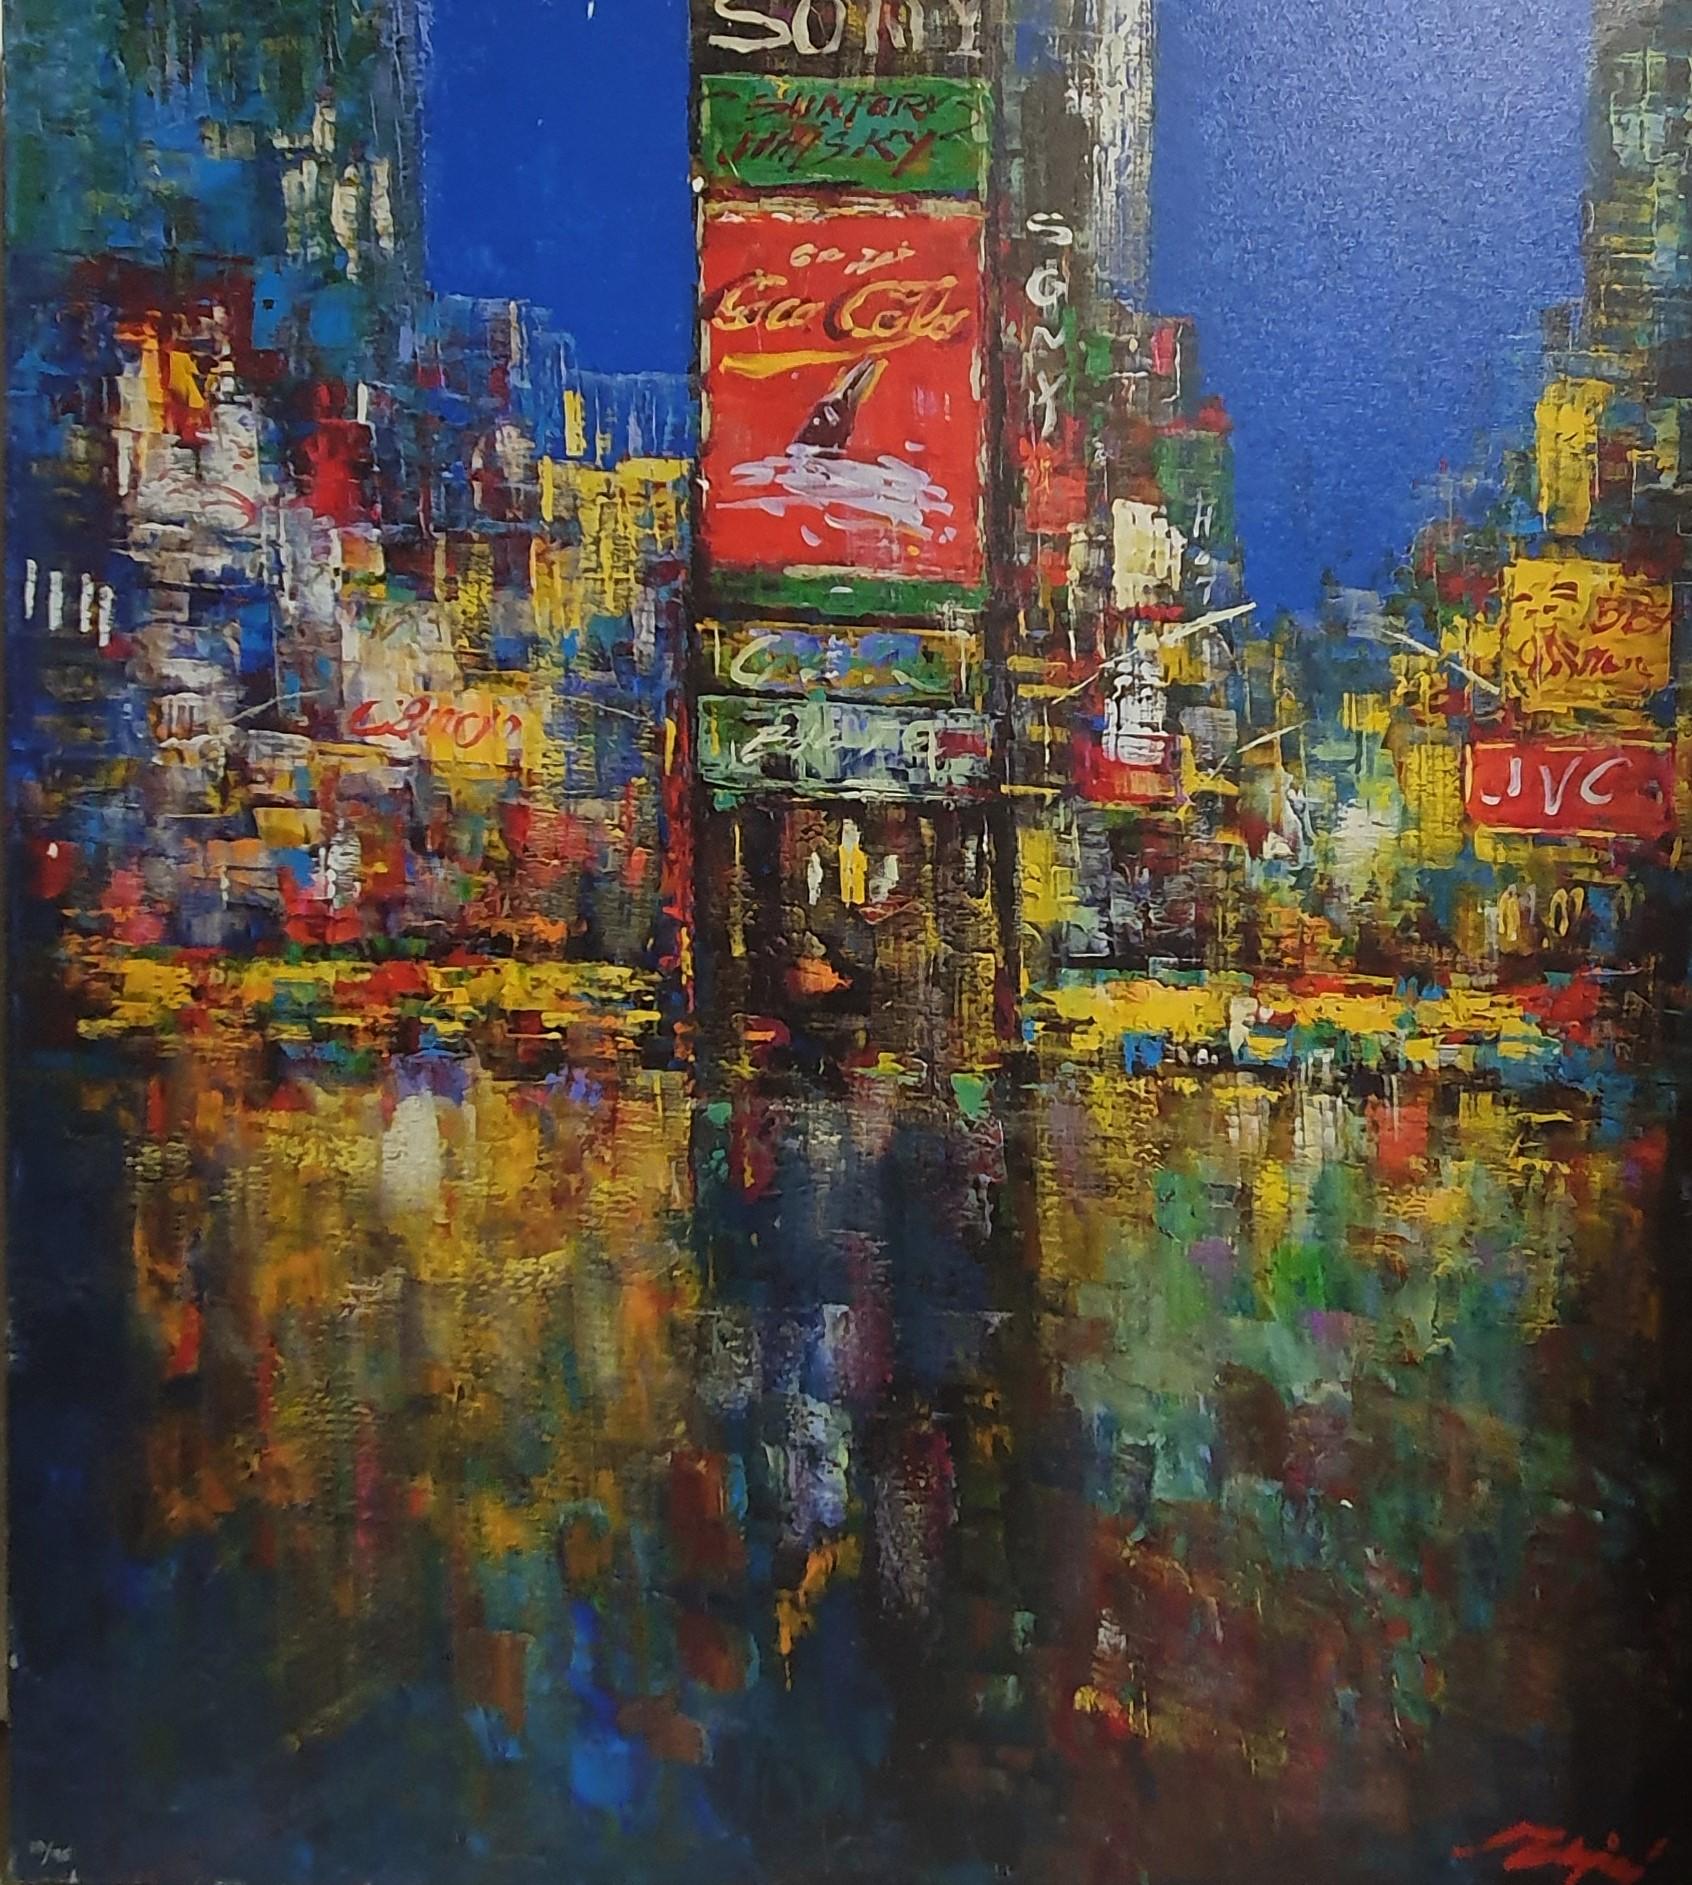 Coca Cola, Times Square